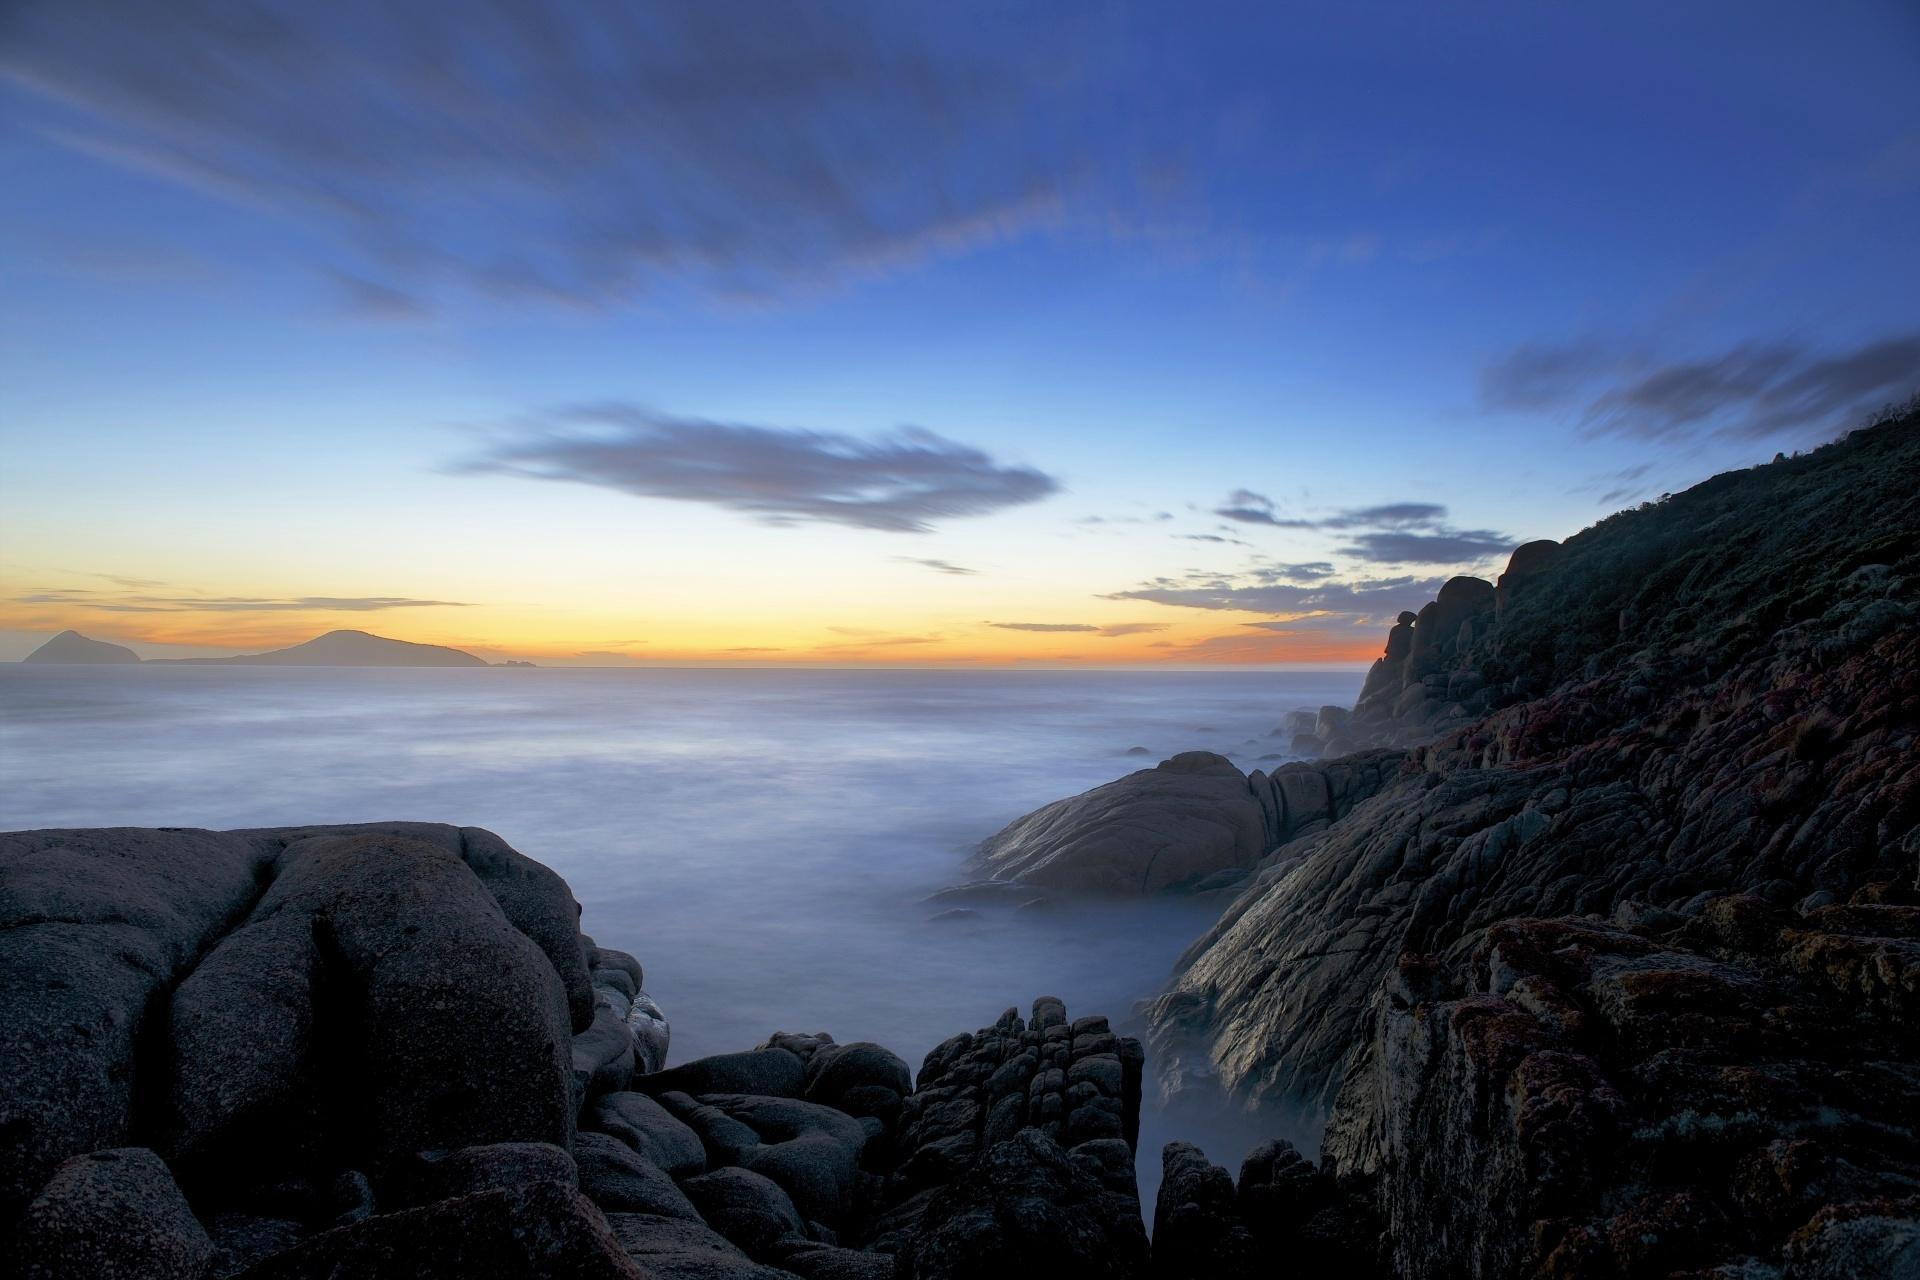 オーストラリア ウィルソンズ・プロモントリー国立公園のトワイライト・タイム